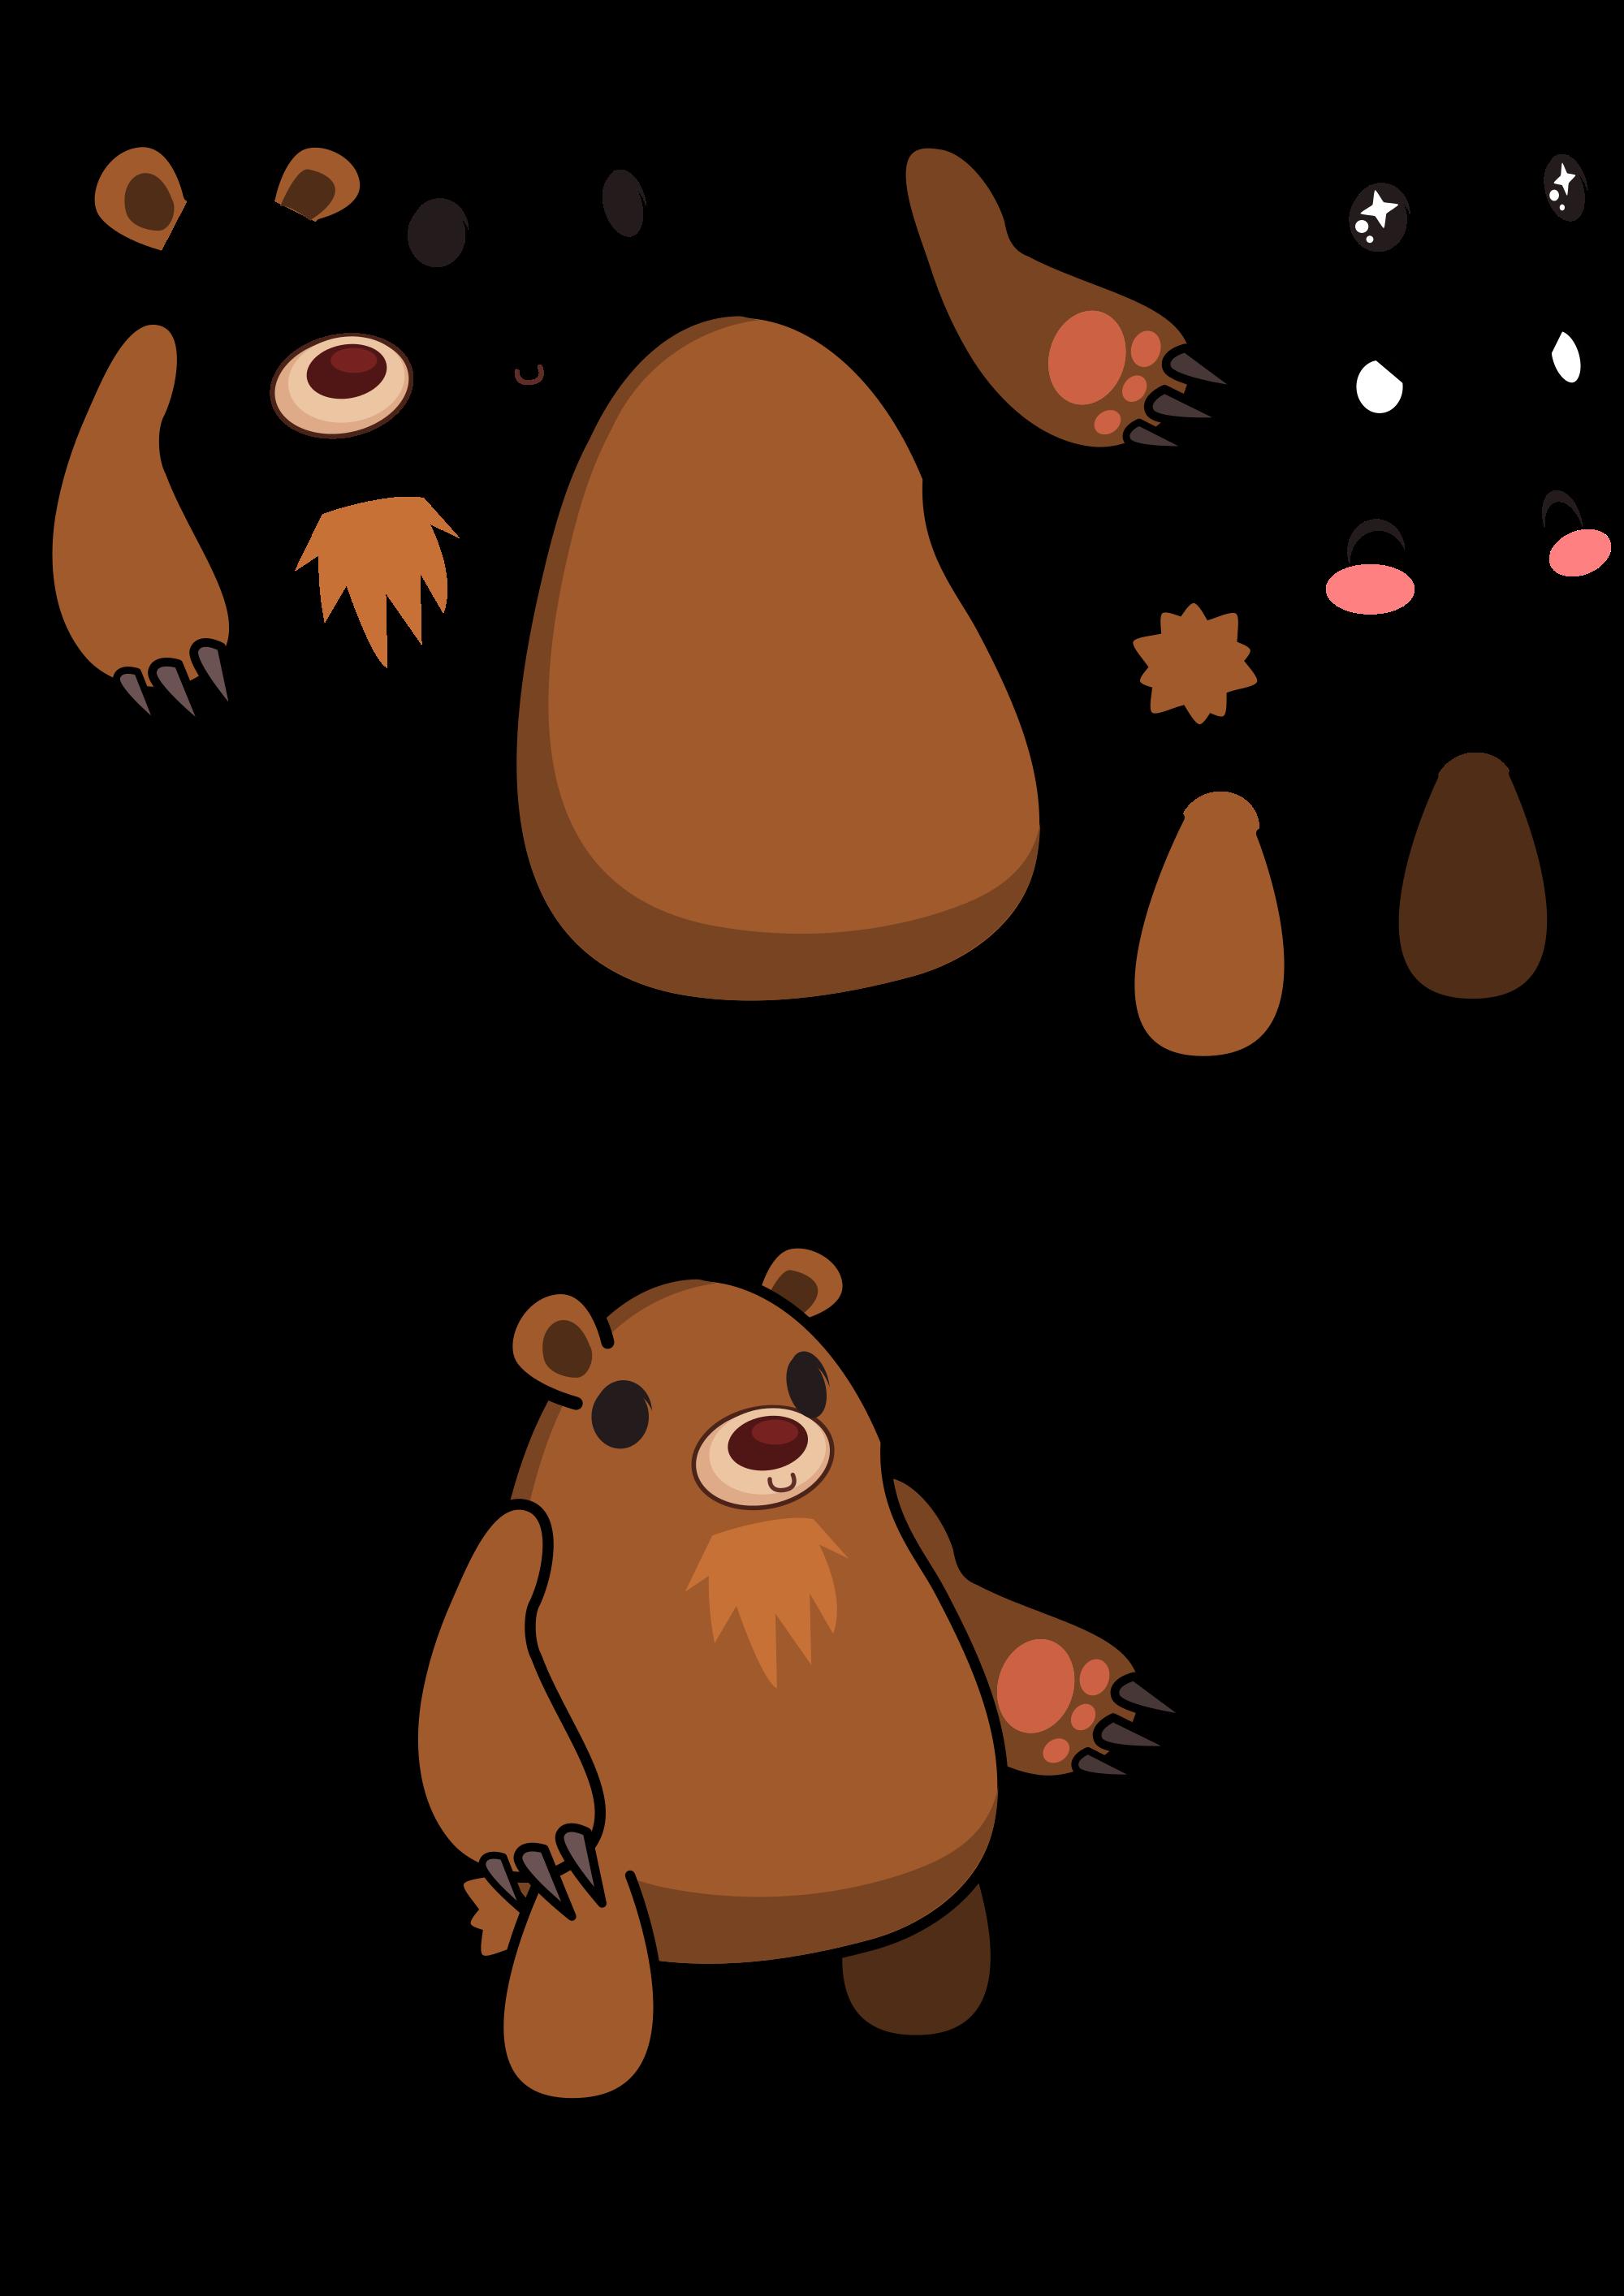 Groundhog clipart svg. File inkscape bear puppet